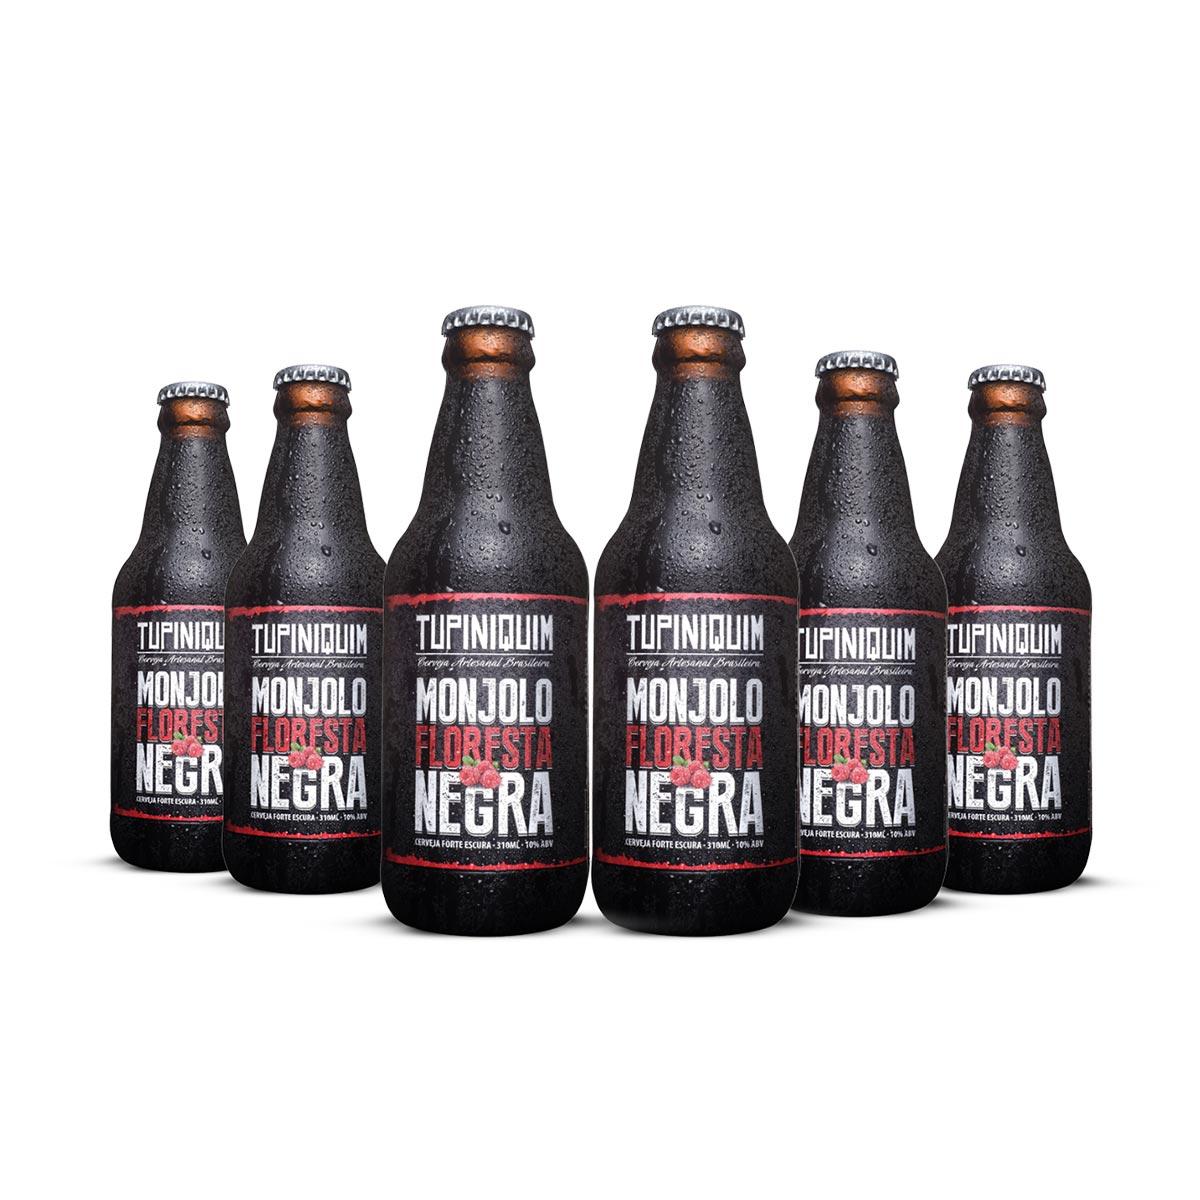 Pack Tupiniquim Monjolo Floresta Negra 6 cervejas 310ml